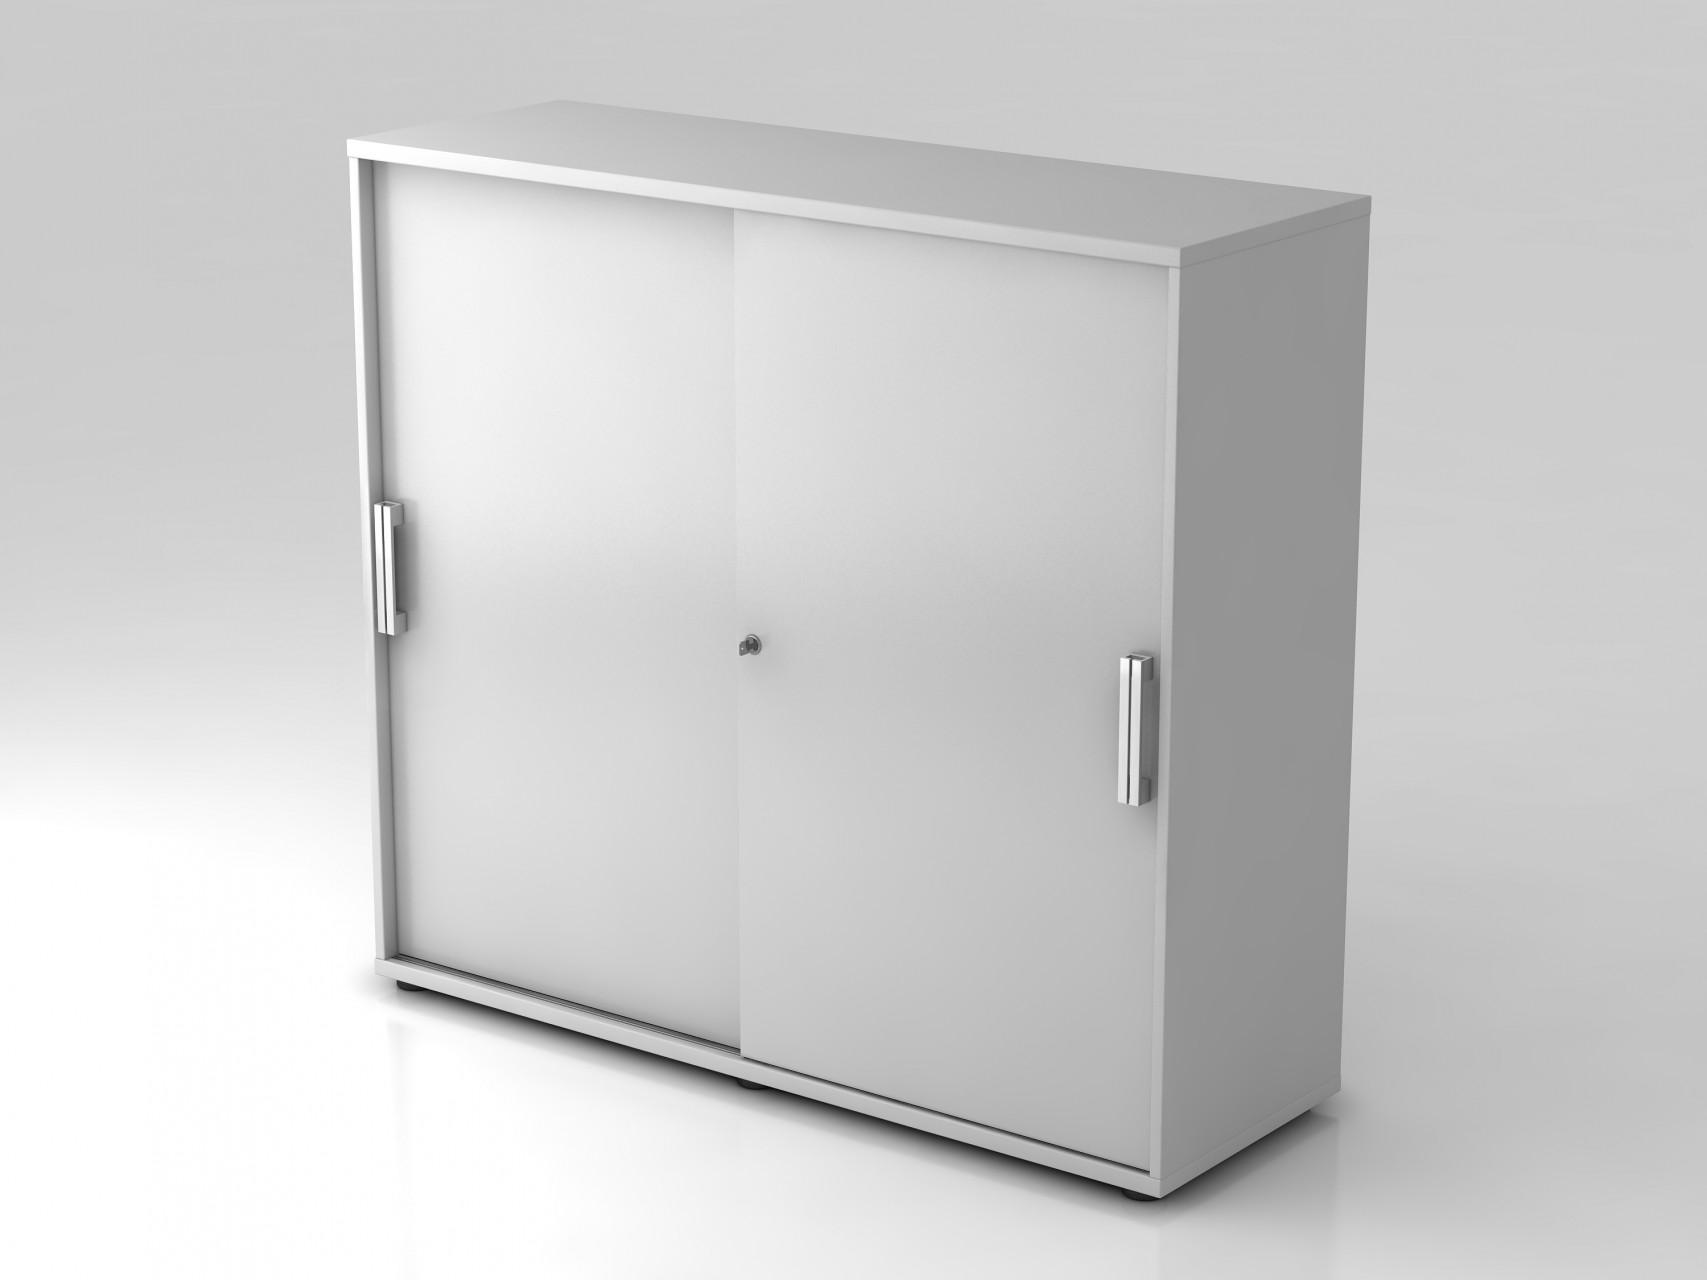 Armoire designe armoire porte coulissante profondeur 40 for Bureau profondeur 40 cm